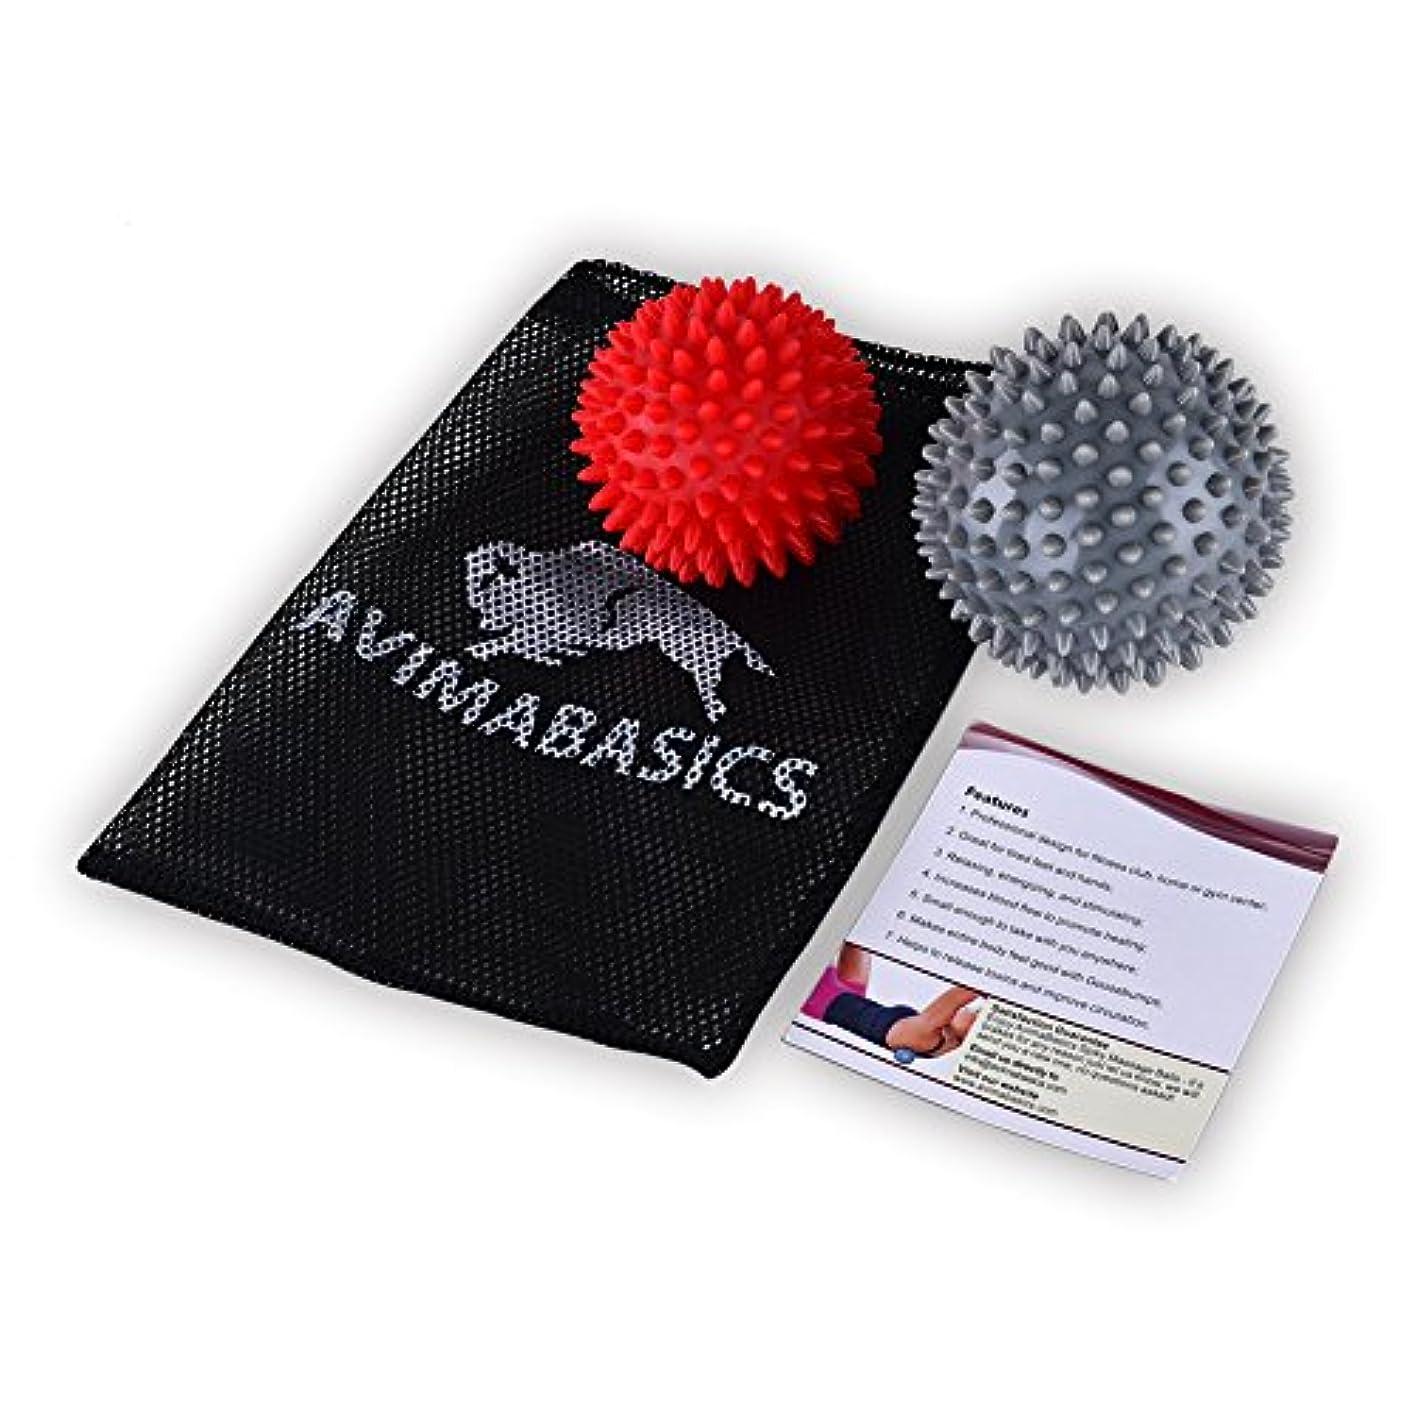 着るヘクタール特に#1 BEST Spiky Massage Balls Reflexology Foot Body Arm Pain Stress Relief Trigger Point Sport Hand Exercise Muscle...